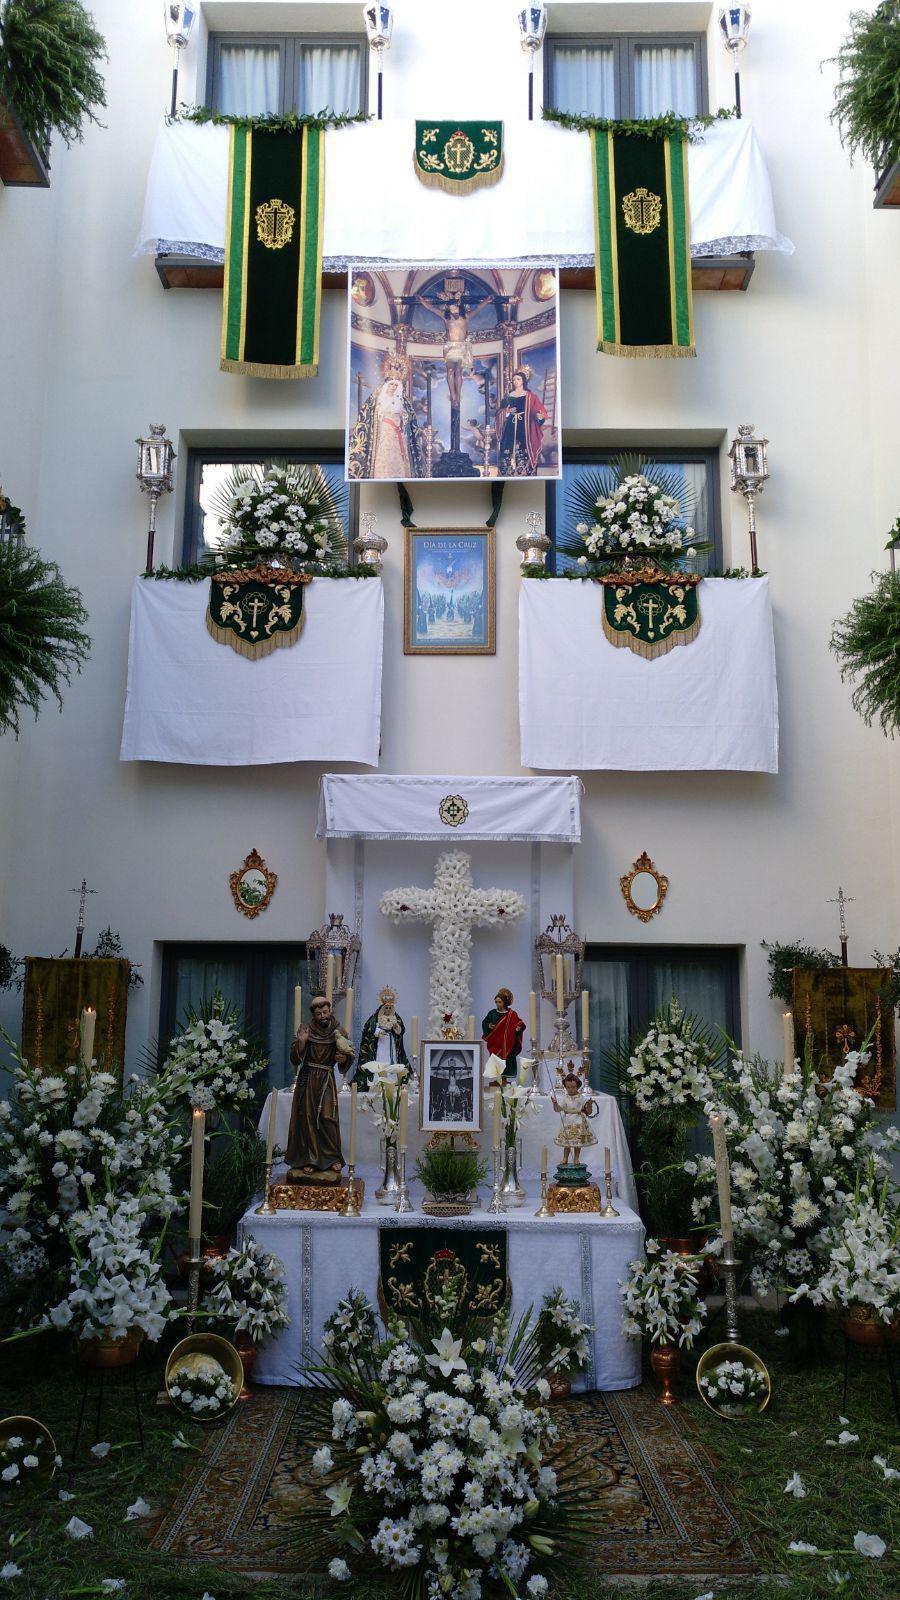 Día de la Cruz 2018. Cruces de Mayo y Misa de Acción de Gracias